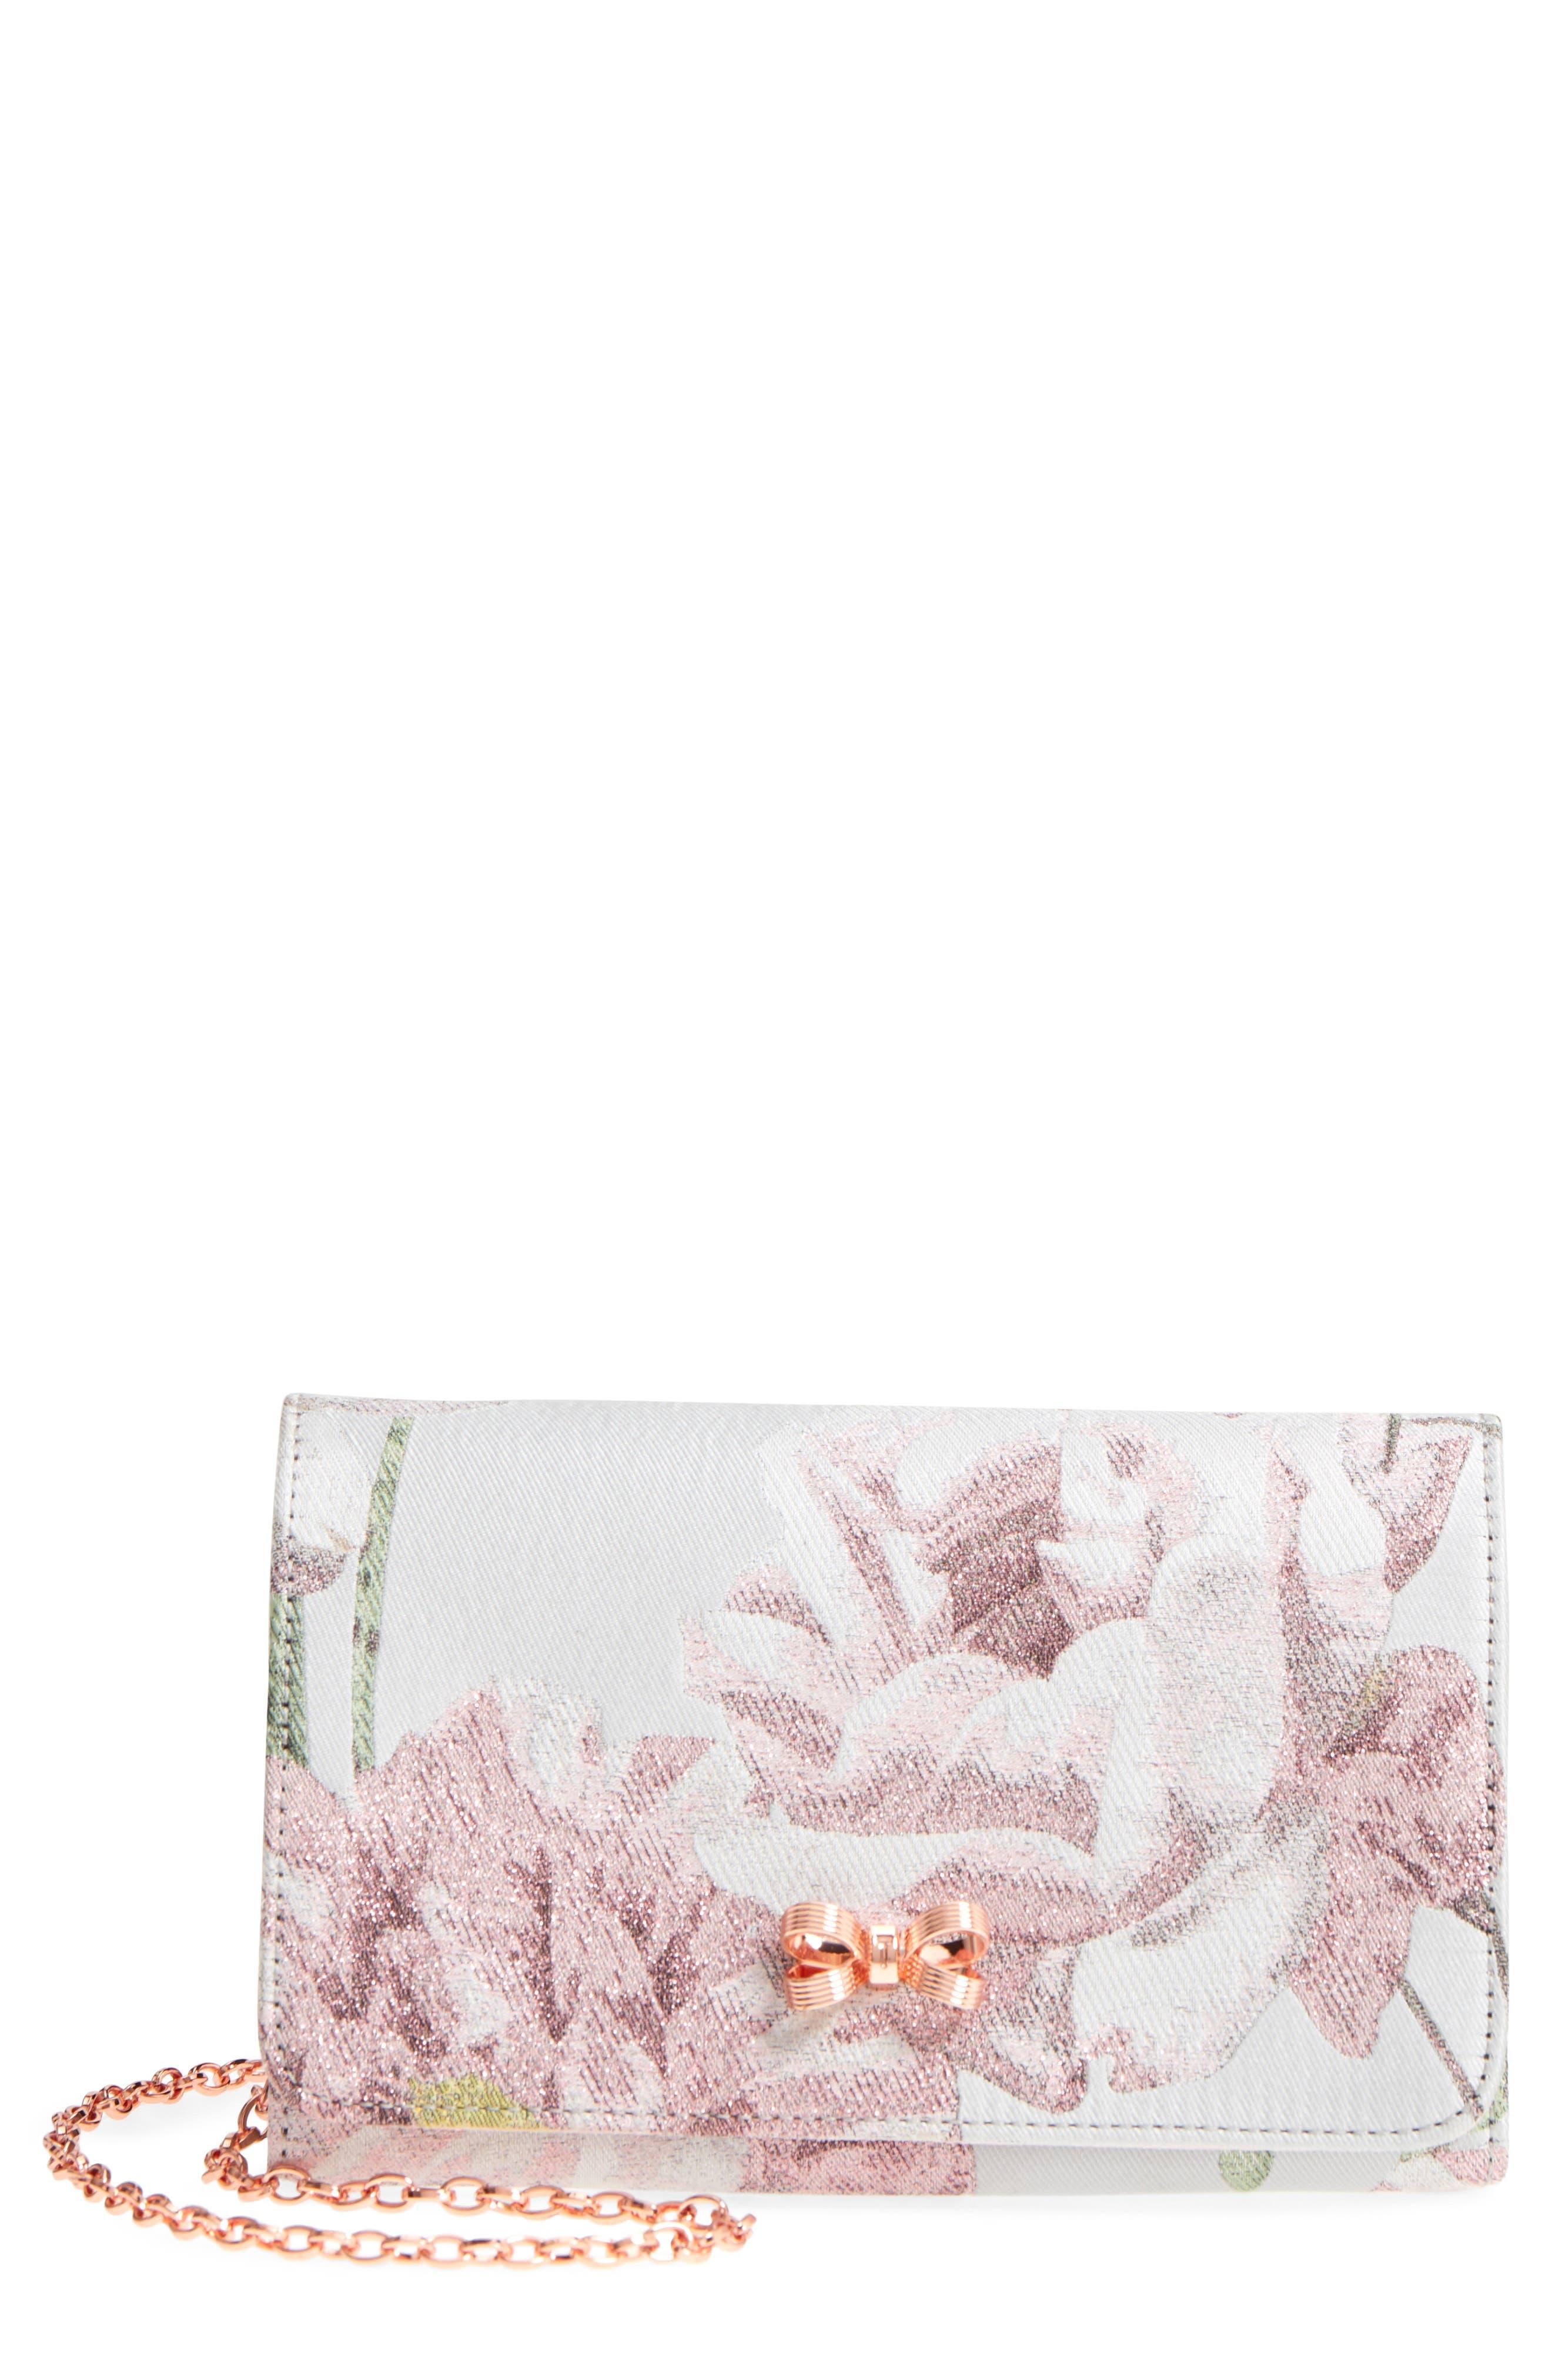 Erika - Metallic Jacquard Evening Bag, Main, color, 030